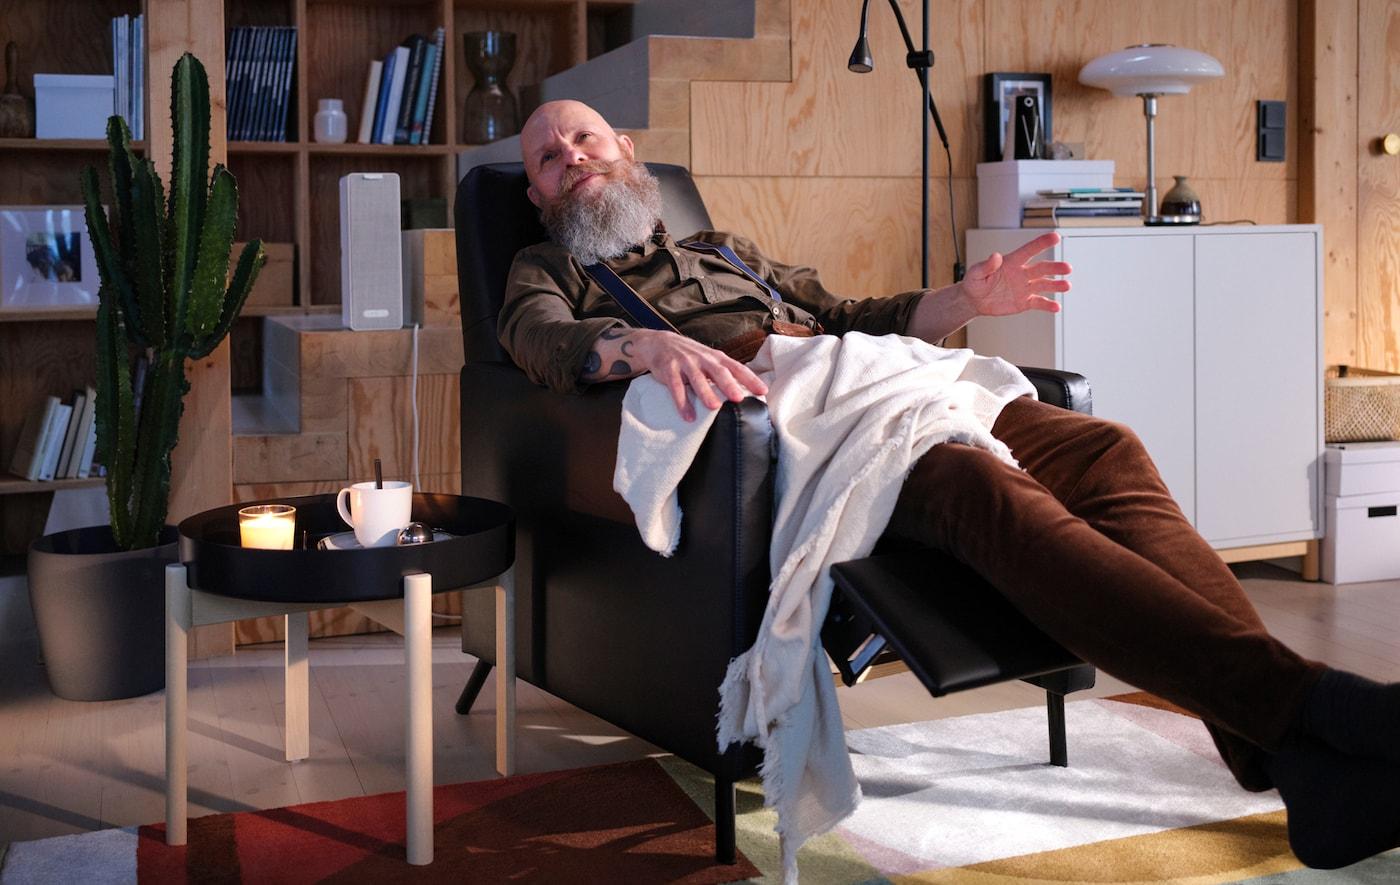 Un home tapat amb una manta descansa recolzat en una butaca inclinable GISTAD de color negre mentre escolta música amb un altaveu wifi SYMFONISK de color blanc.